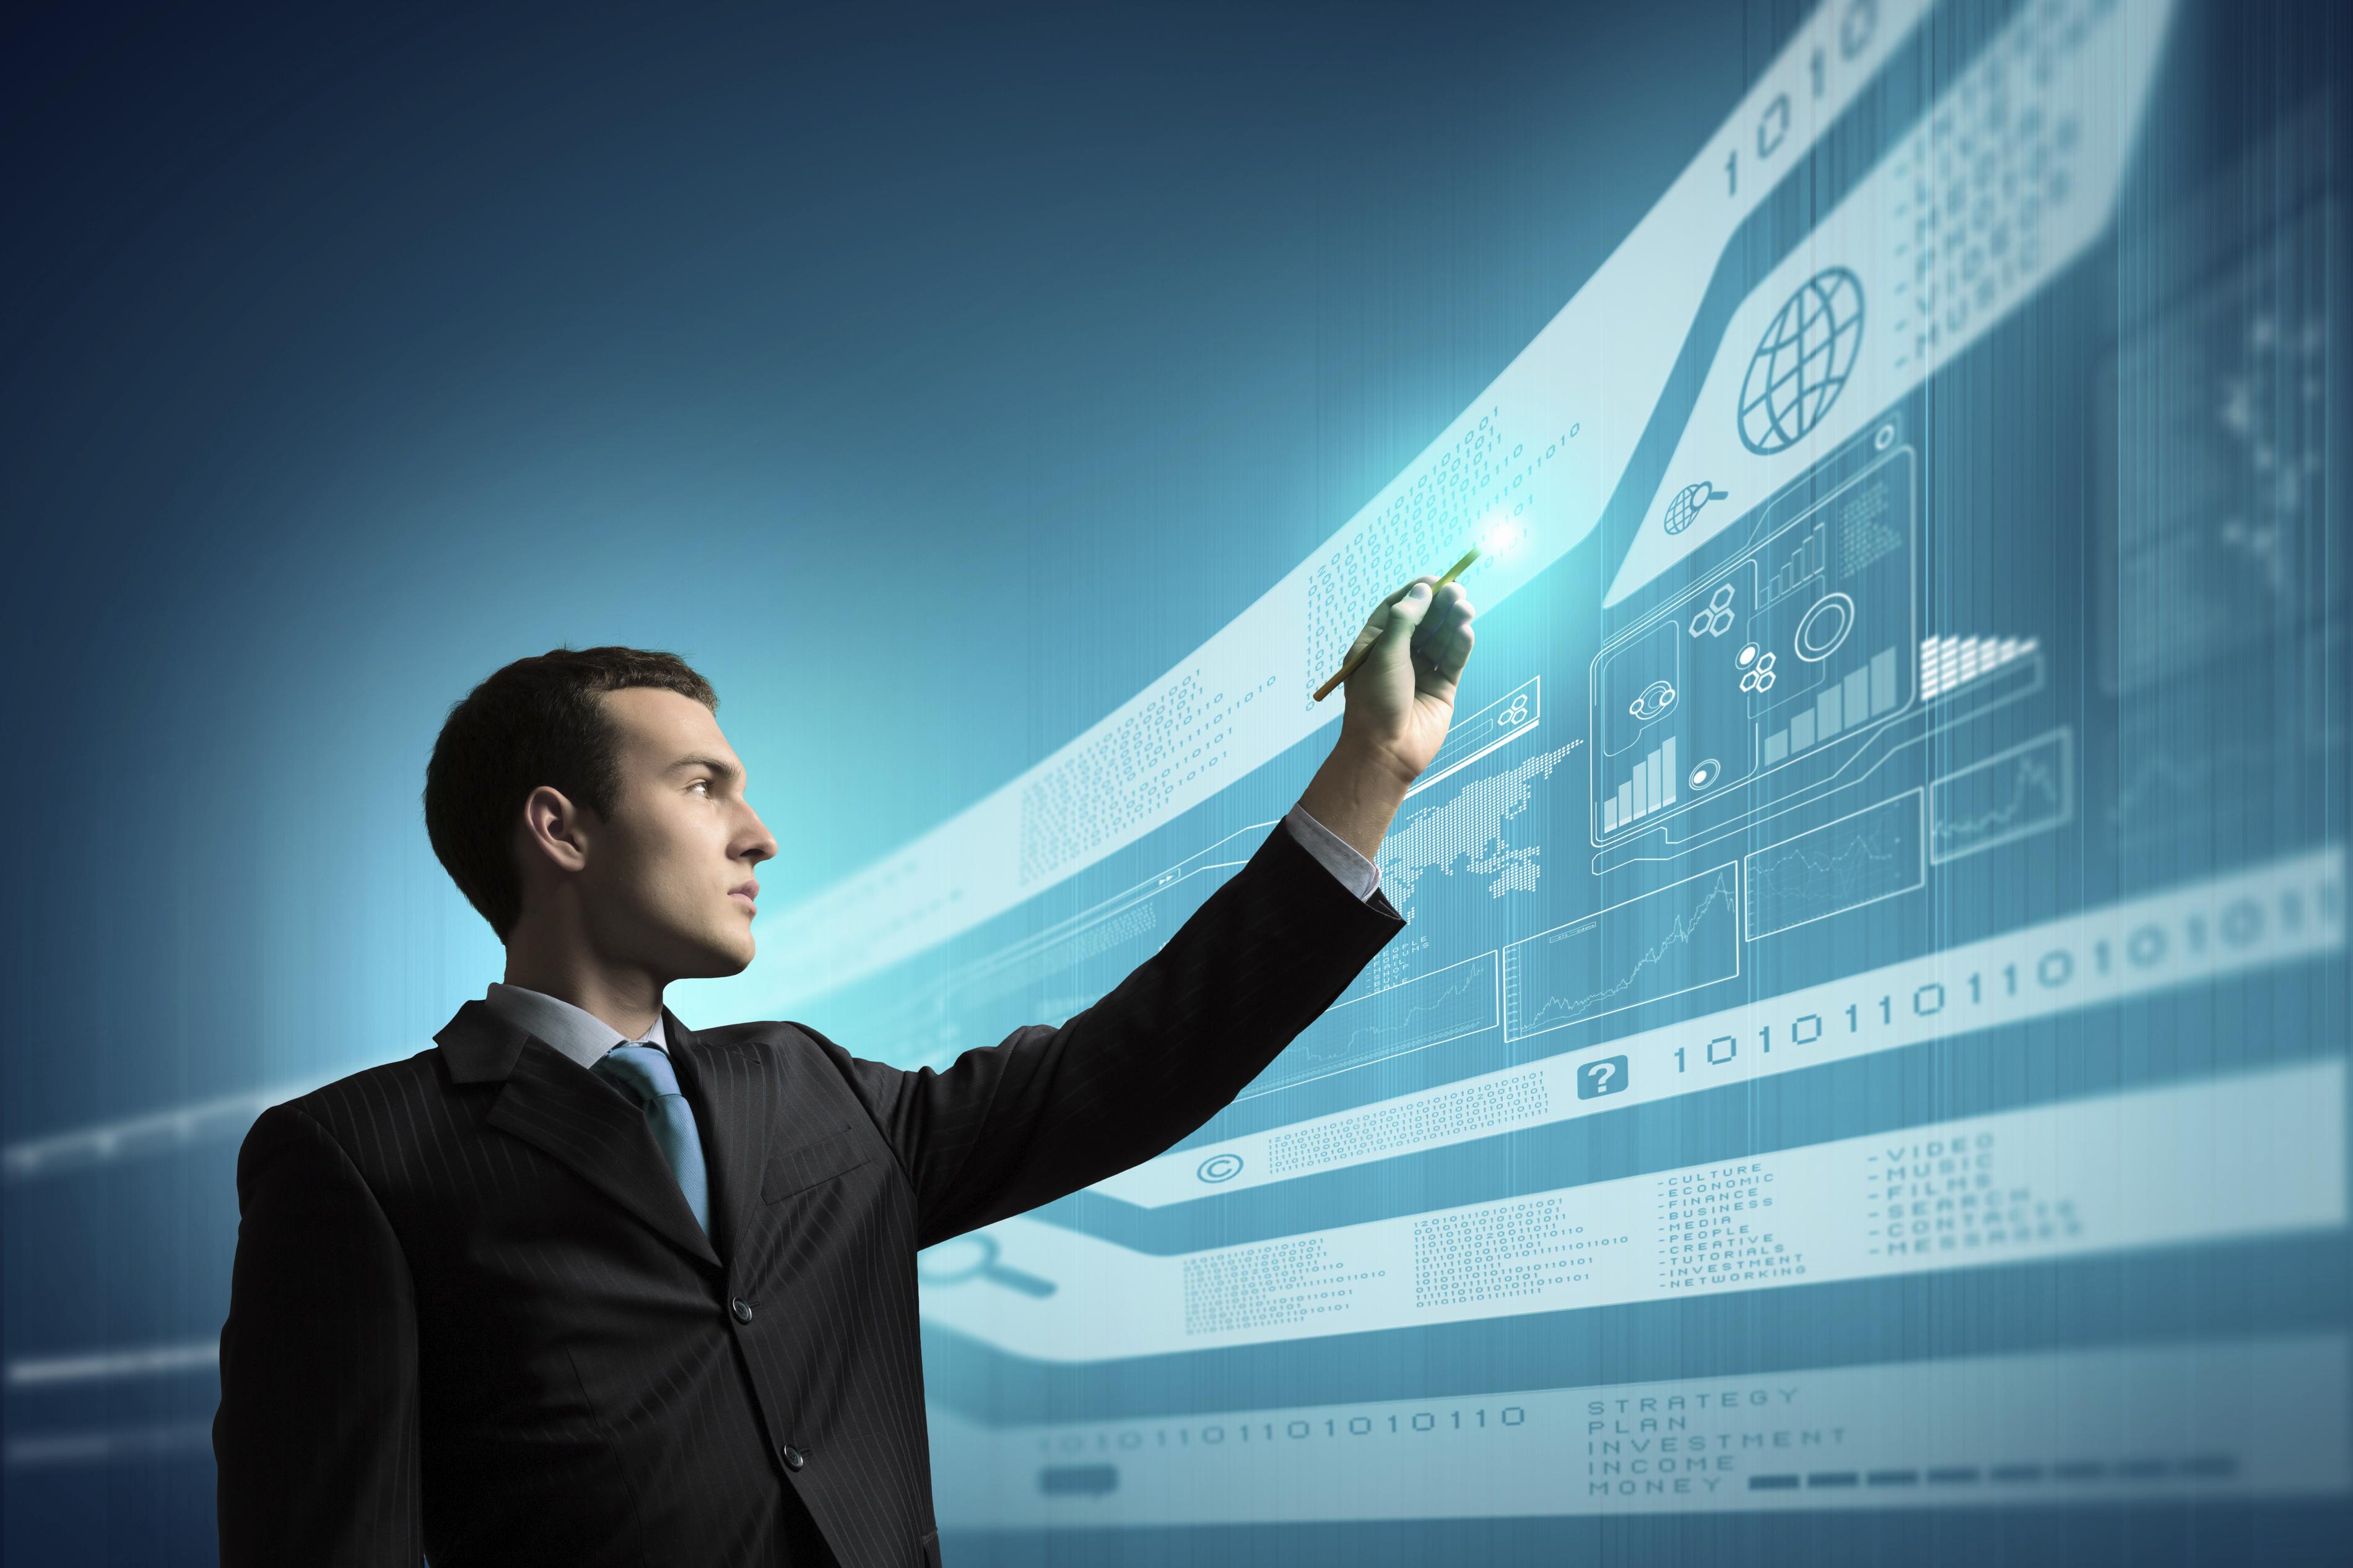 آشنایی با برخی مفاهیم اساسی حسابداری مدیریت هزینهیابی برمبنای فعالیت، ارزیابی متوازن و ارزش افز�